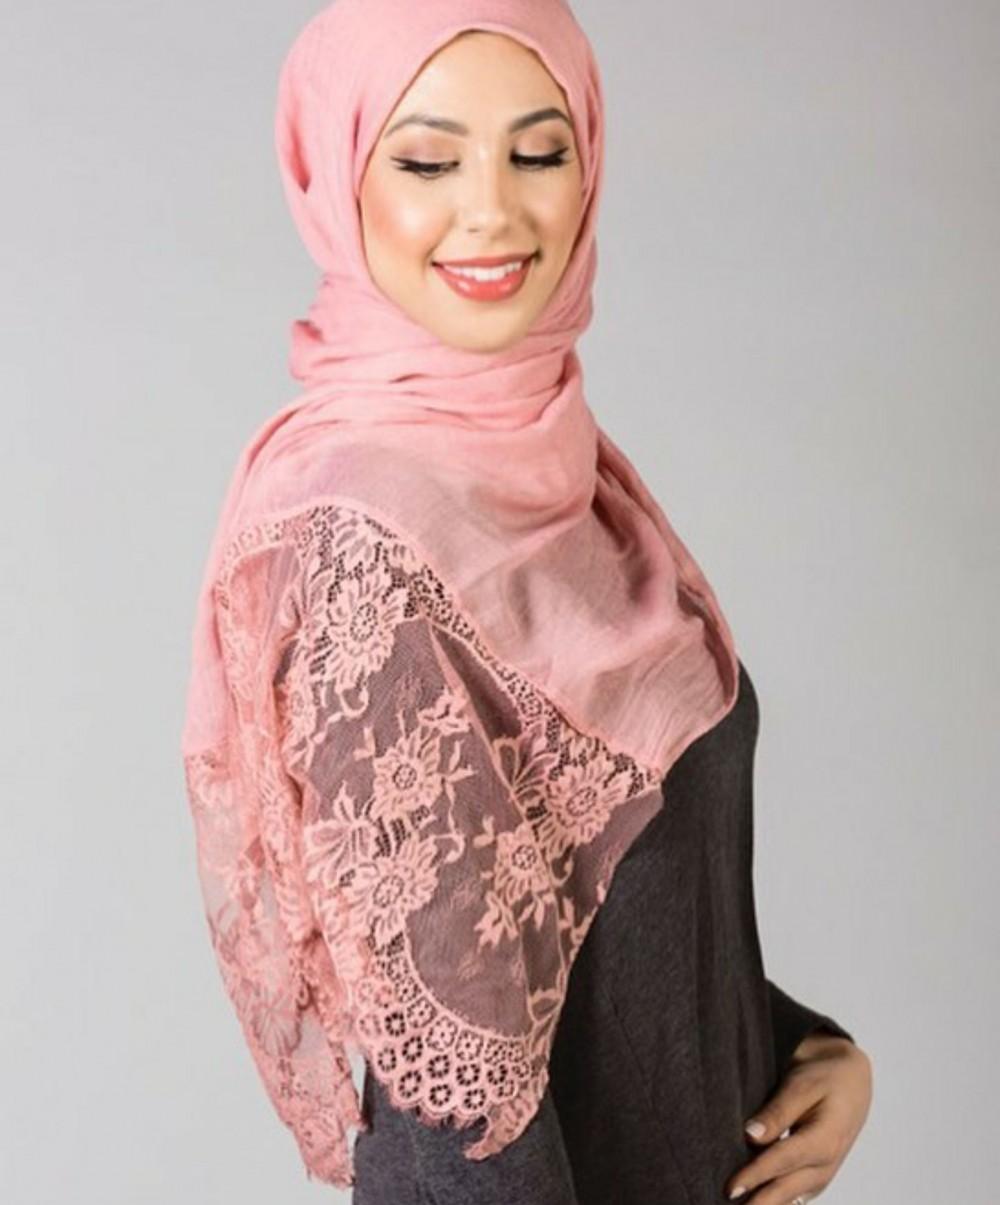 بالصور صور خمار , اروع موديلات الحجابات و الخمارات 3495 10